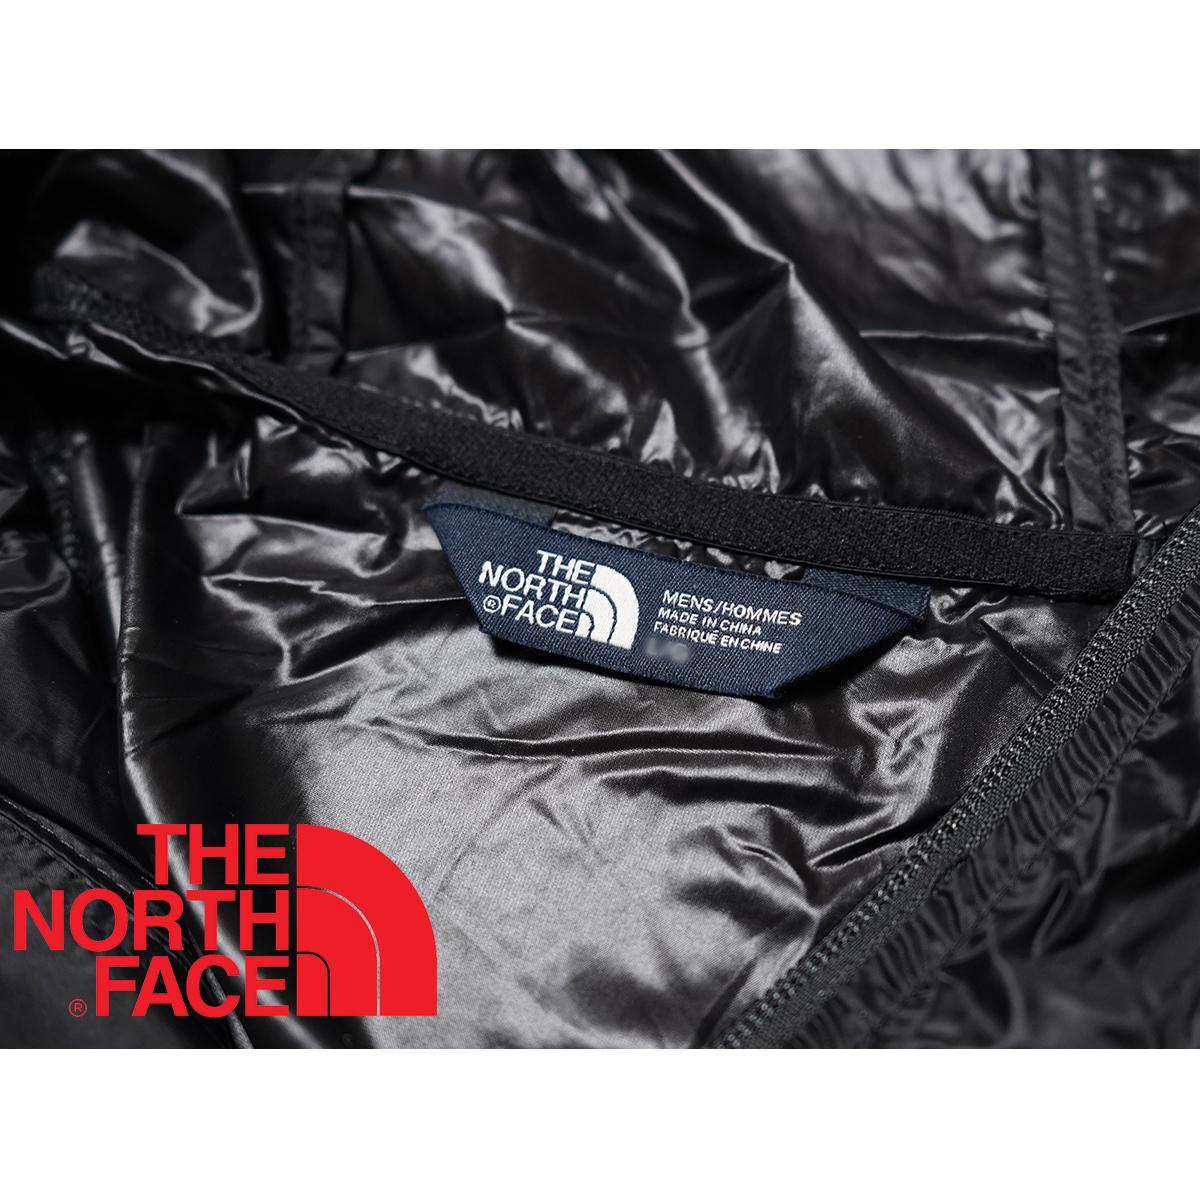 【新品本物 USA購入】THE NORTH FACE ノースフェイス ■ RAGE CYCLONE 2.0 JACKET ■ ホワイトブラック / L ■レイジ 撥水加工 海外限定_画像4